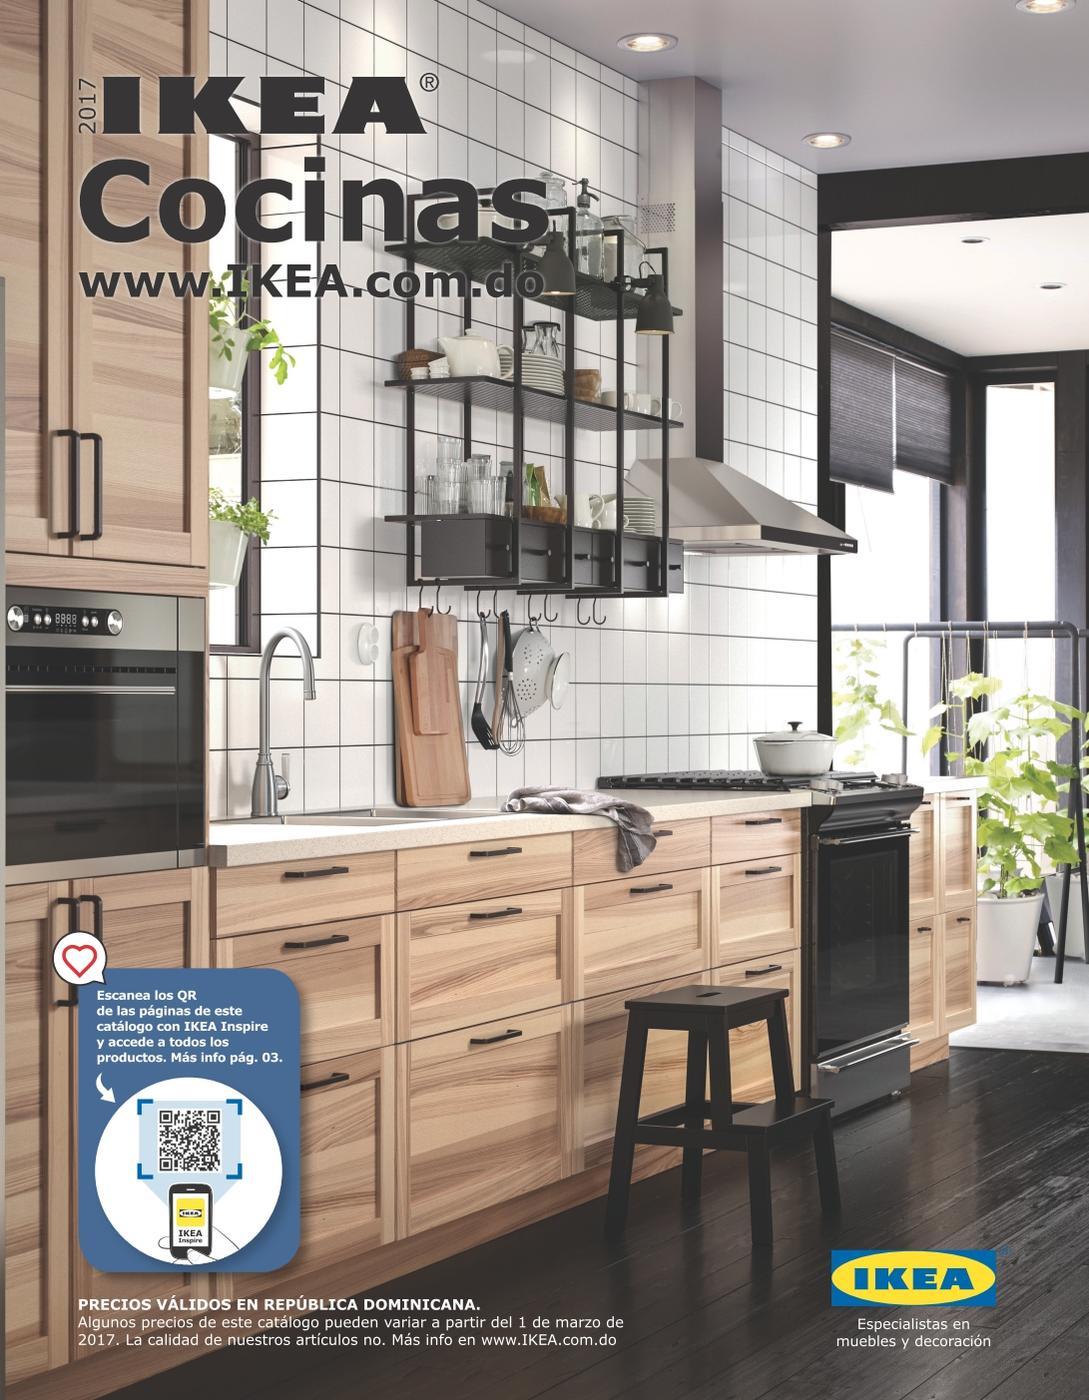 Catalogo de cocinas de ikea cocina ikea iluminacin cocina for Catalogo de cocinas ikea